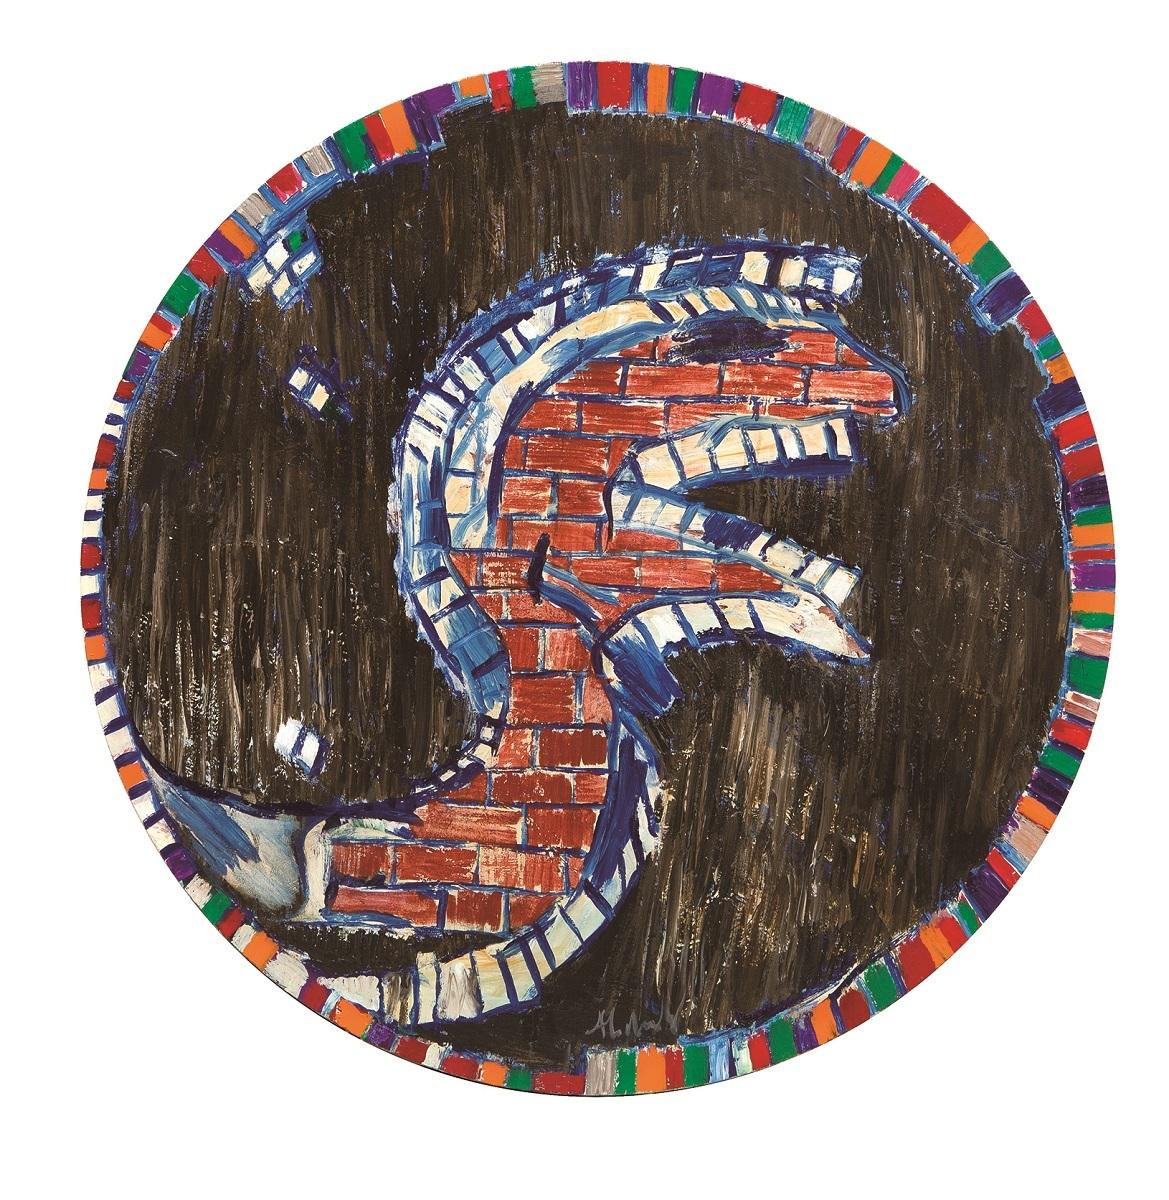 《鉱物の横顔》 2015年 アクリル絵具、キャンバスで裏打ちした紙 作家蔵 (C)Pierre Alechinsky, 2016